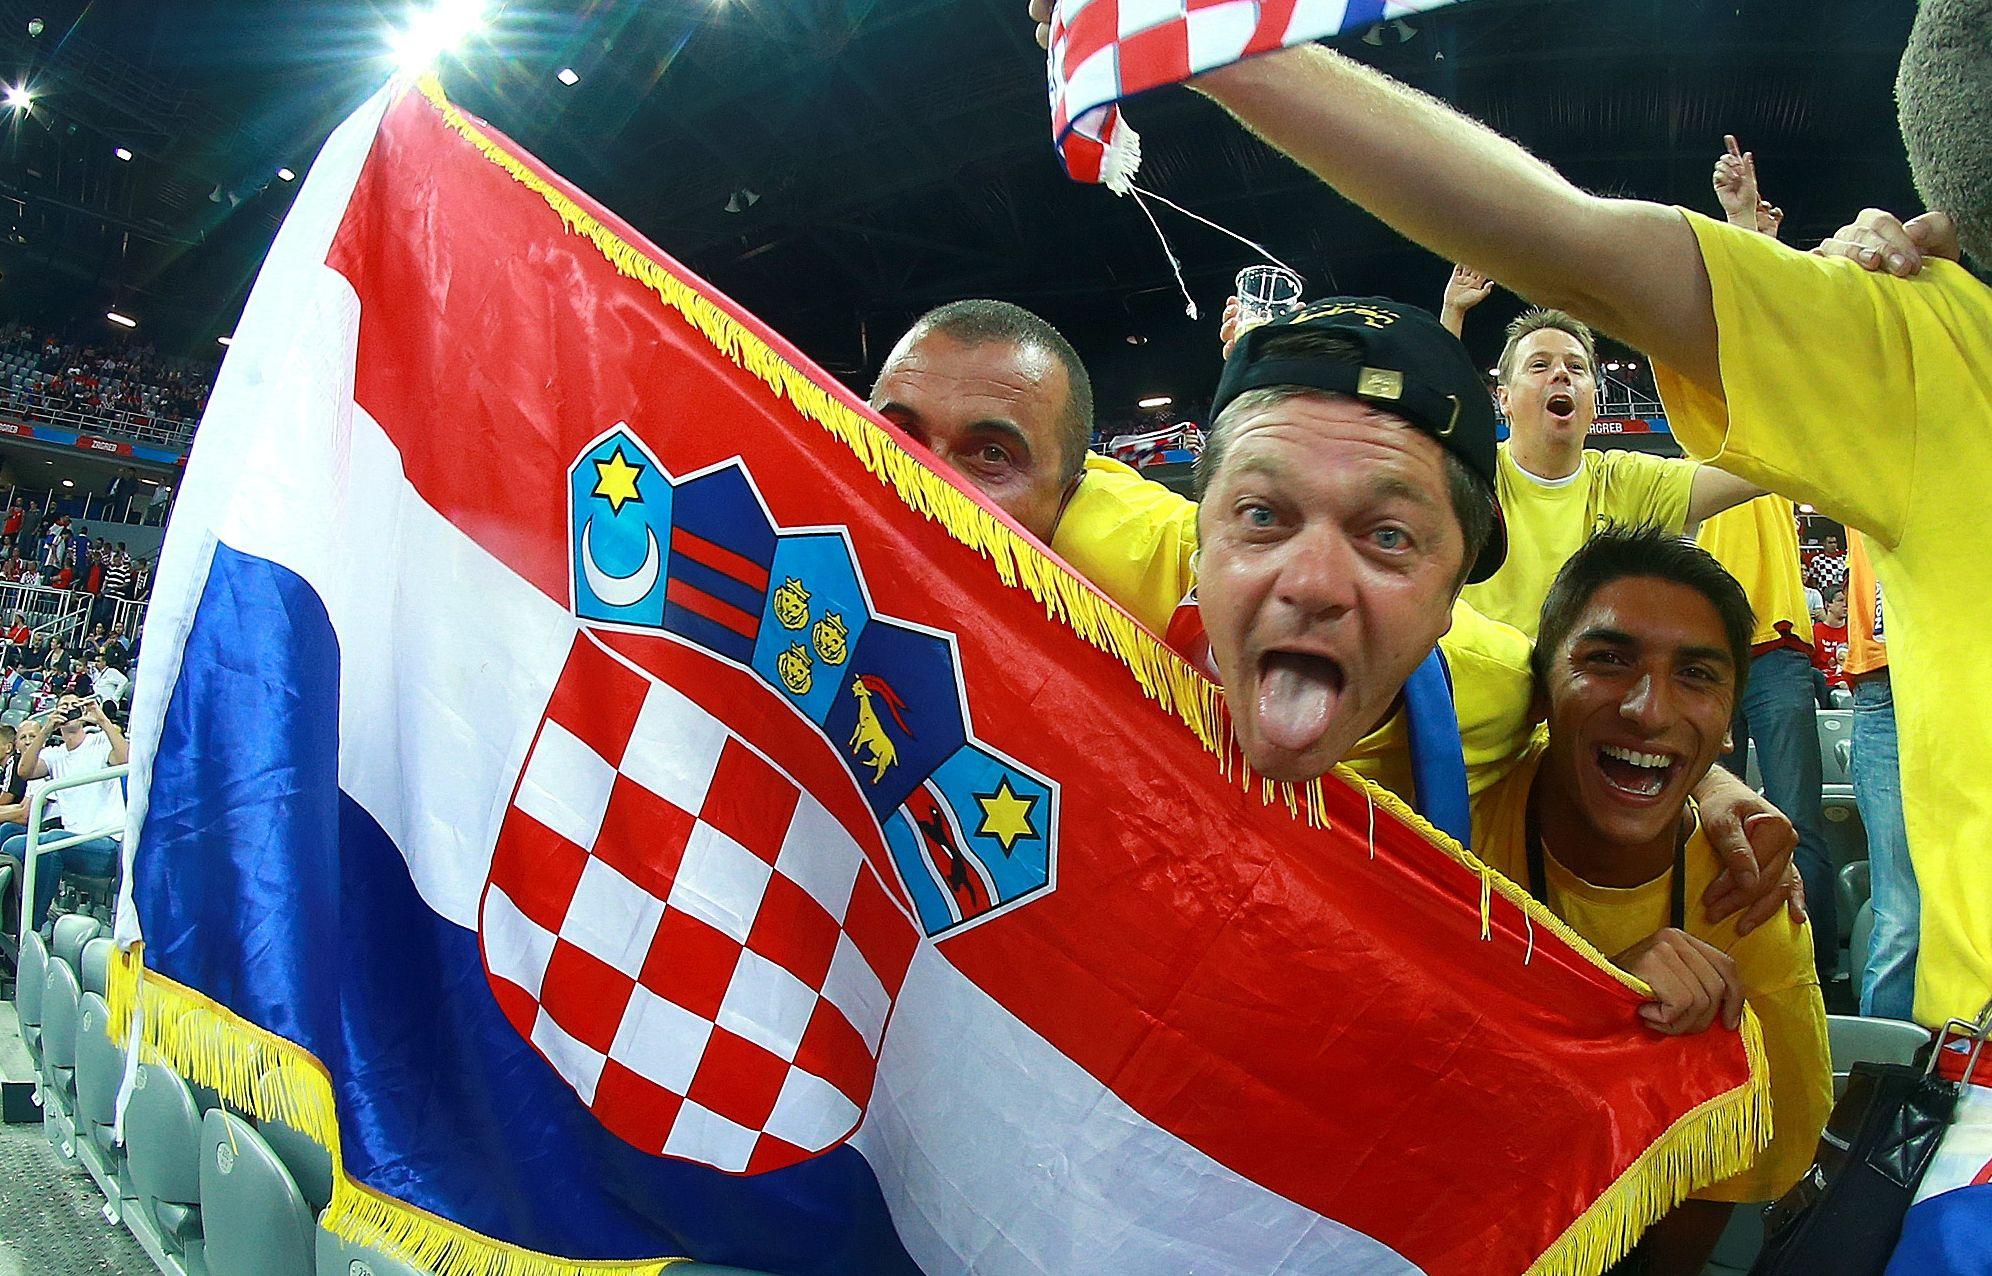 ZAGRIJAVANJE U OSLU Uhićeno 8 navijača hrvatske reprezentacije